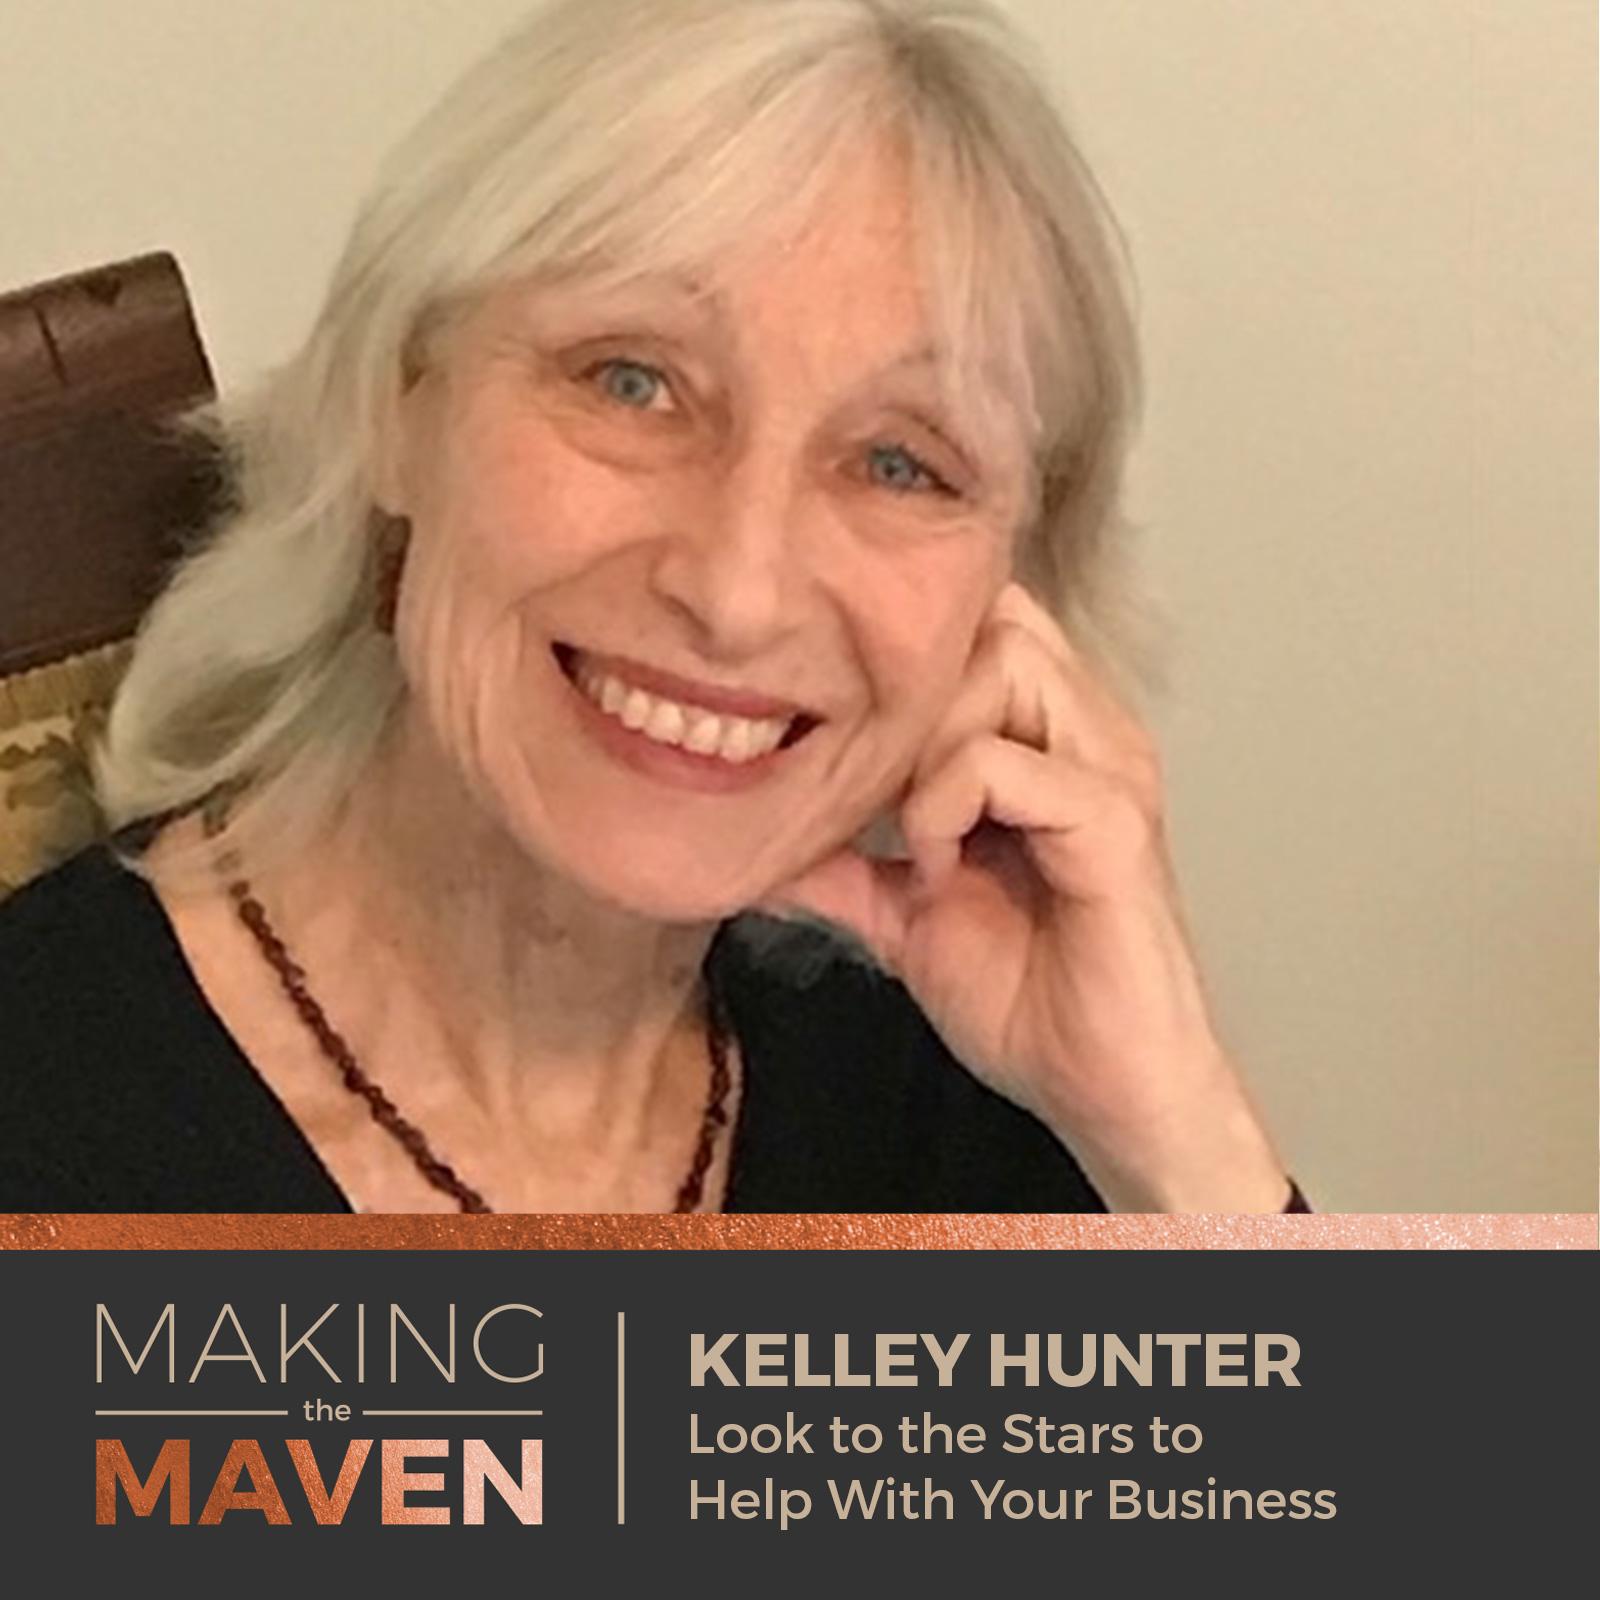 Kelley Hunter